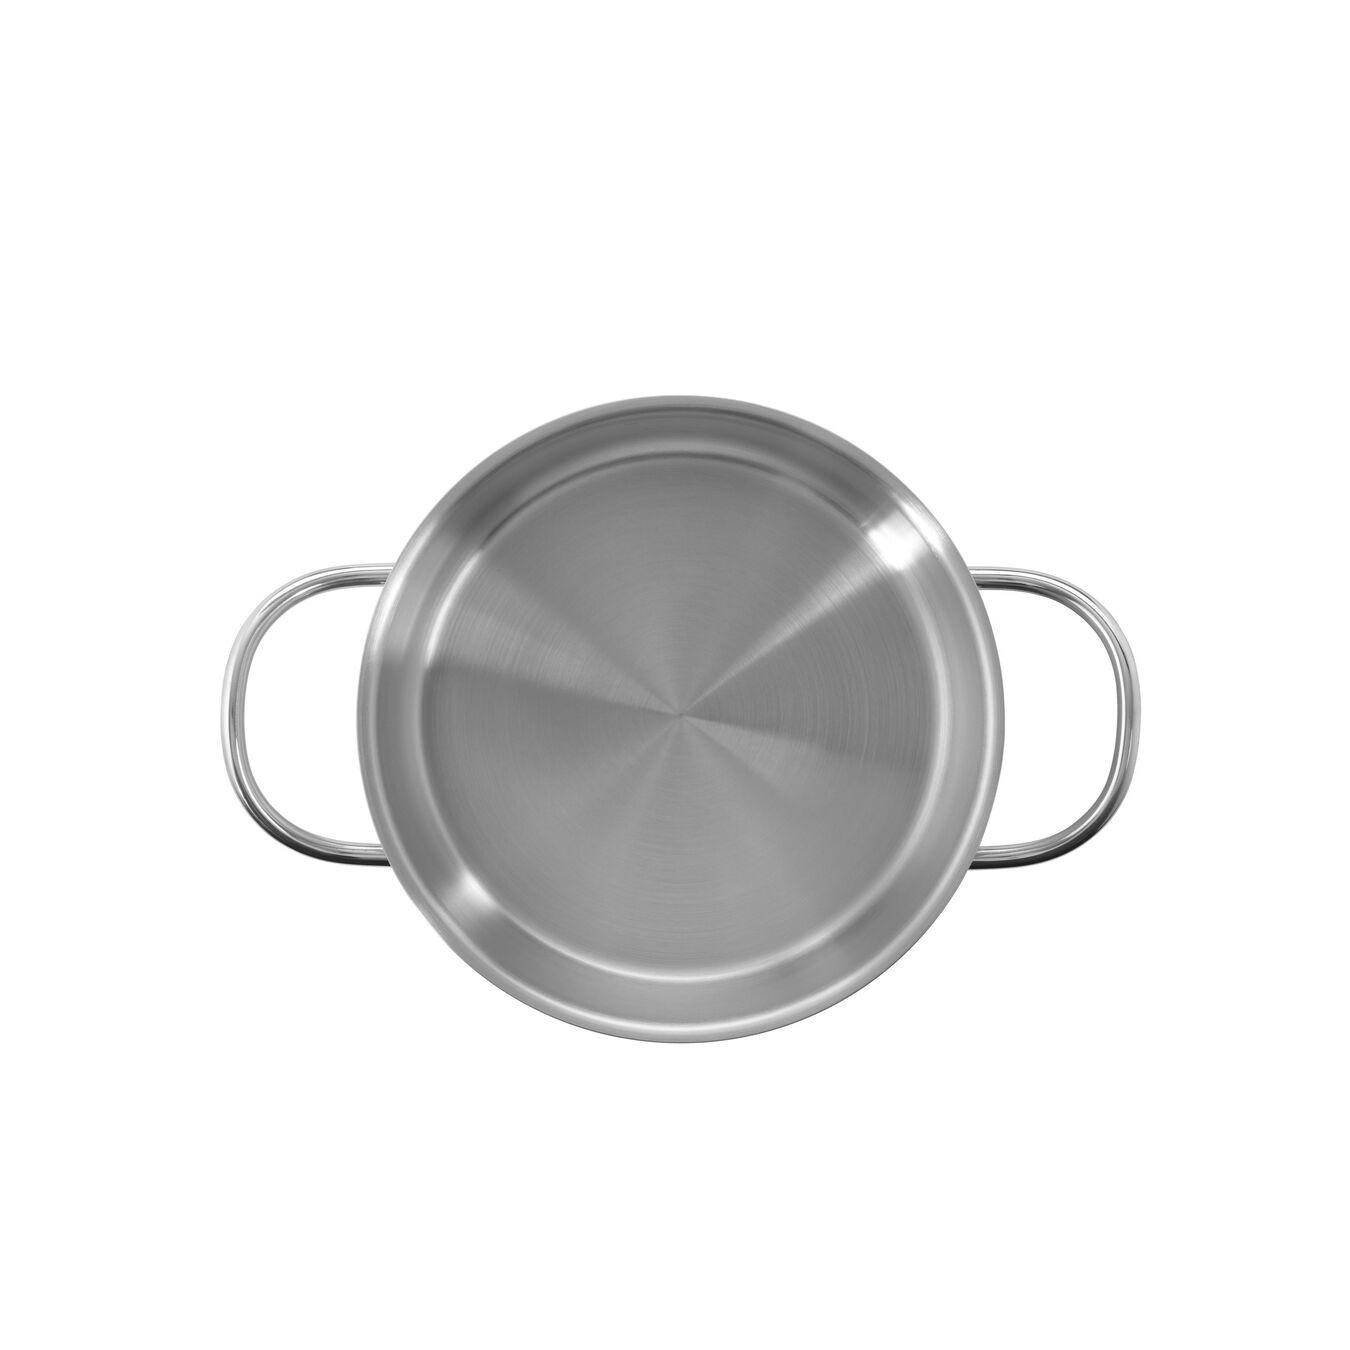 Casseruola - 20 cm, acciaio,,large 4